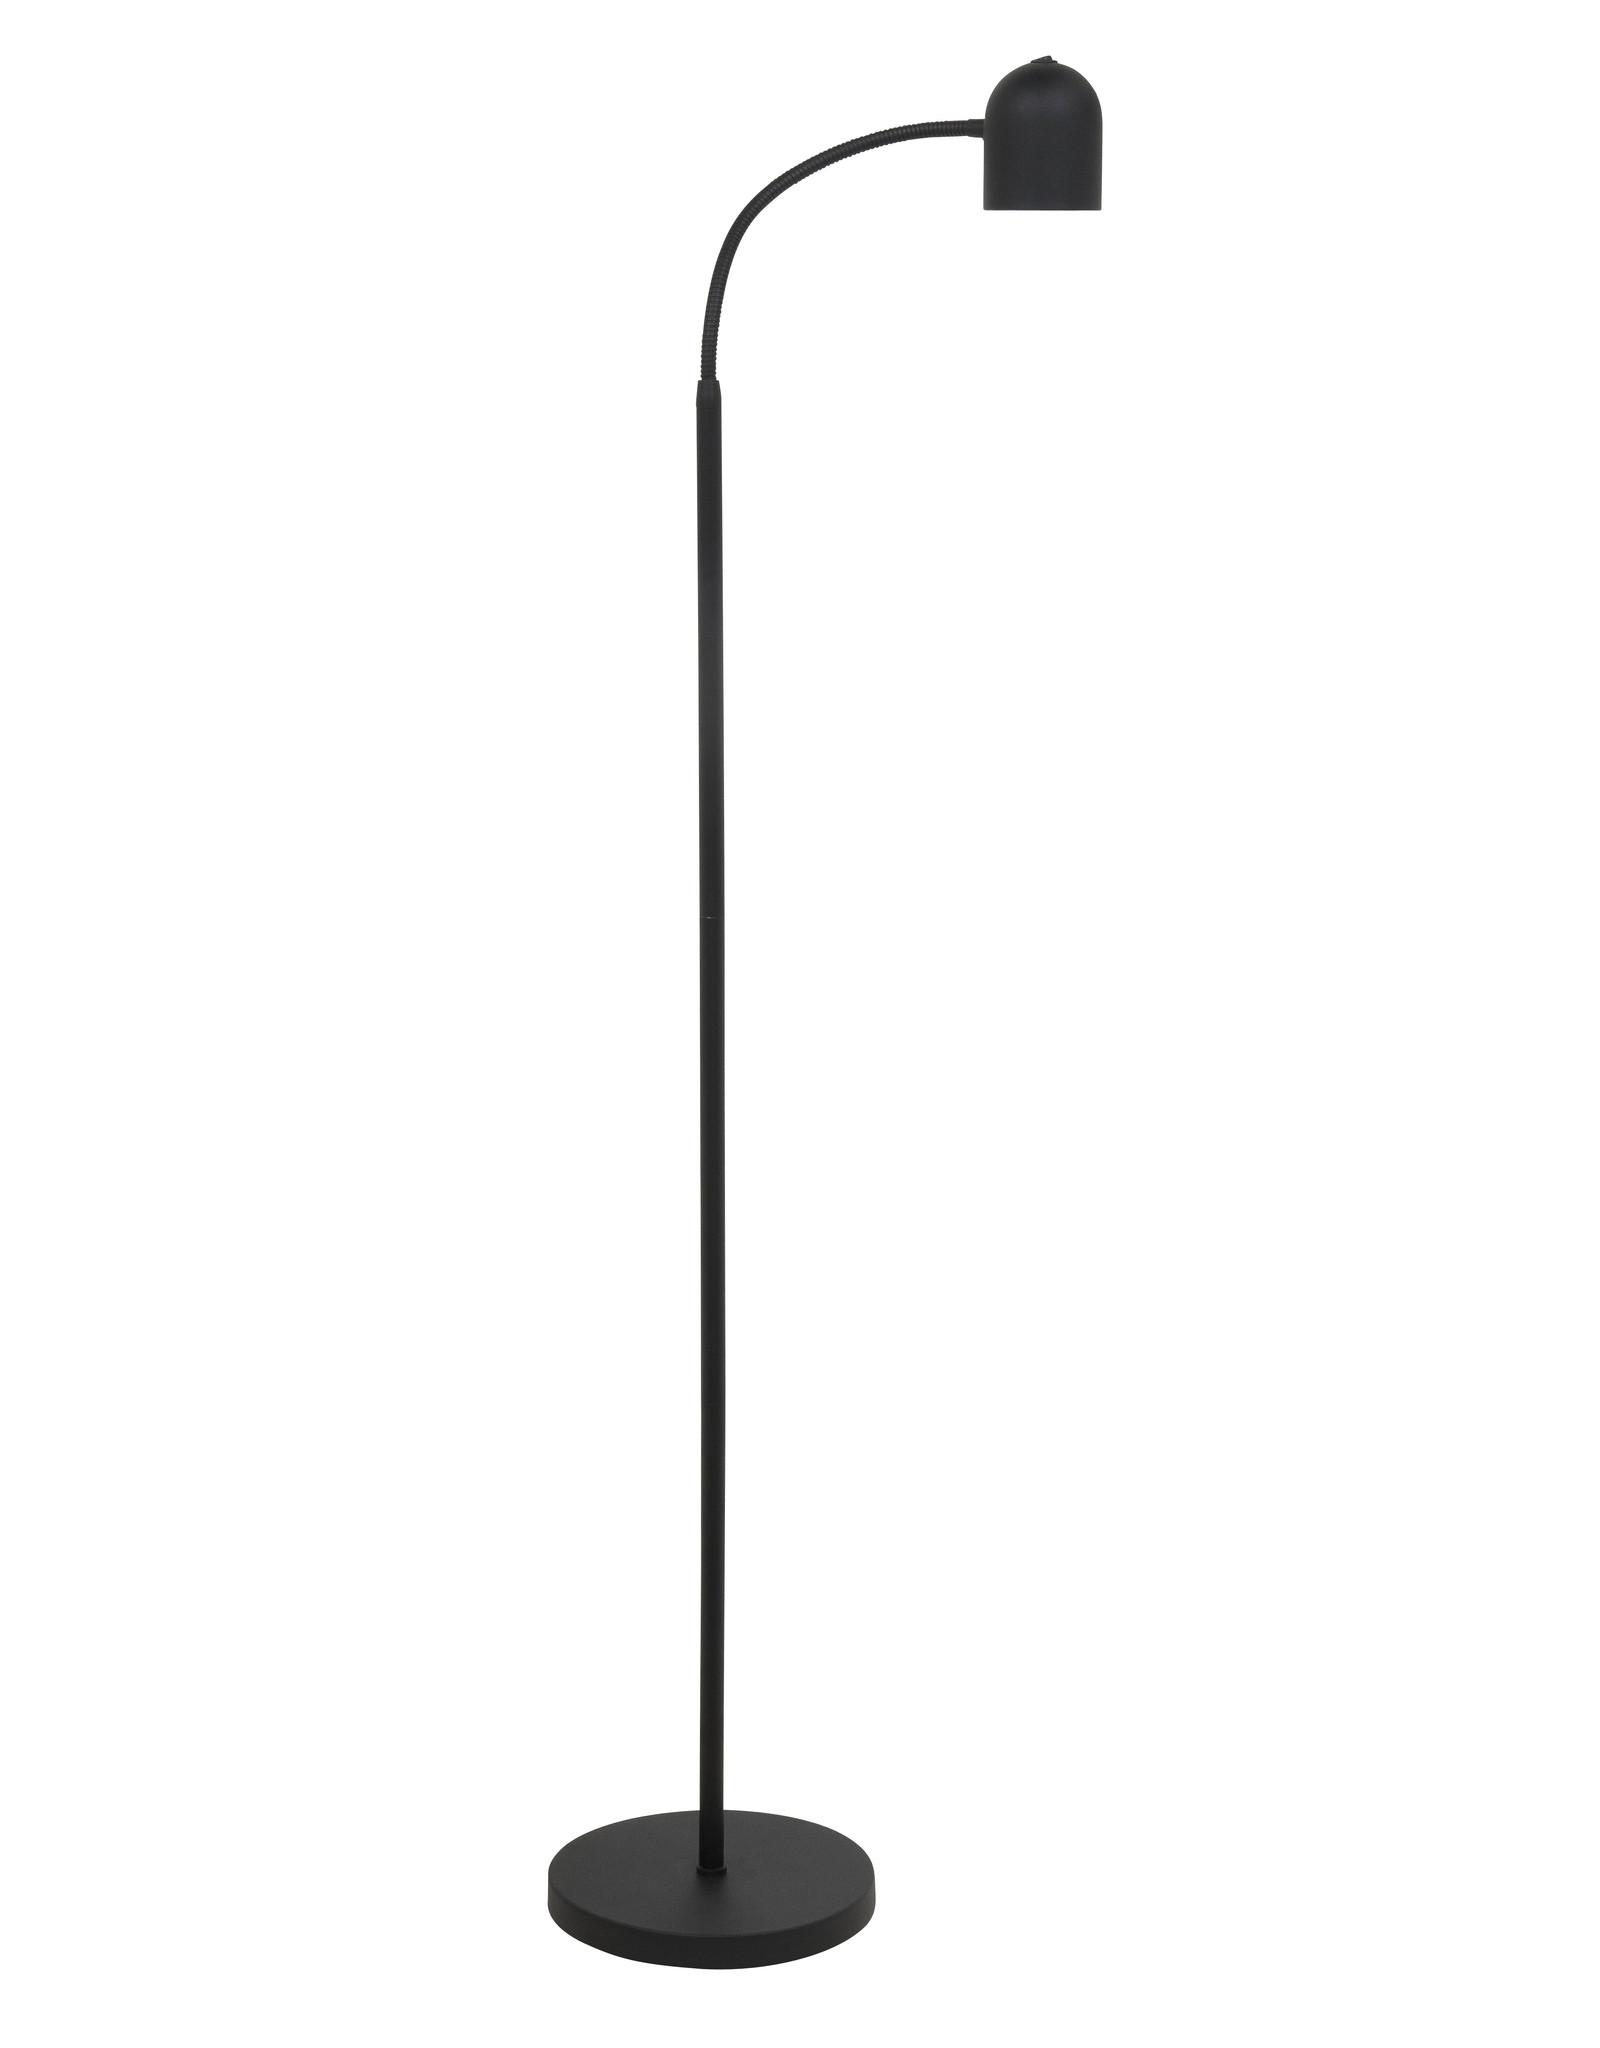 Vloerlamp Umbria 5W 2700K LED Mat Zwart